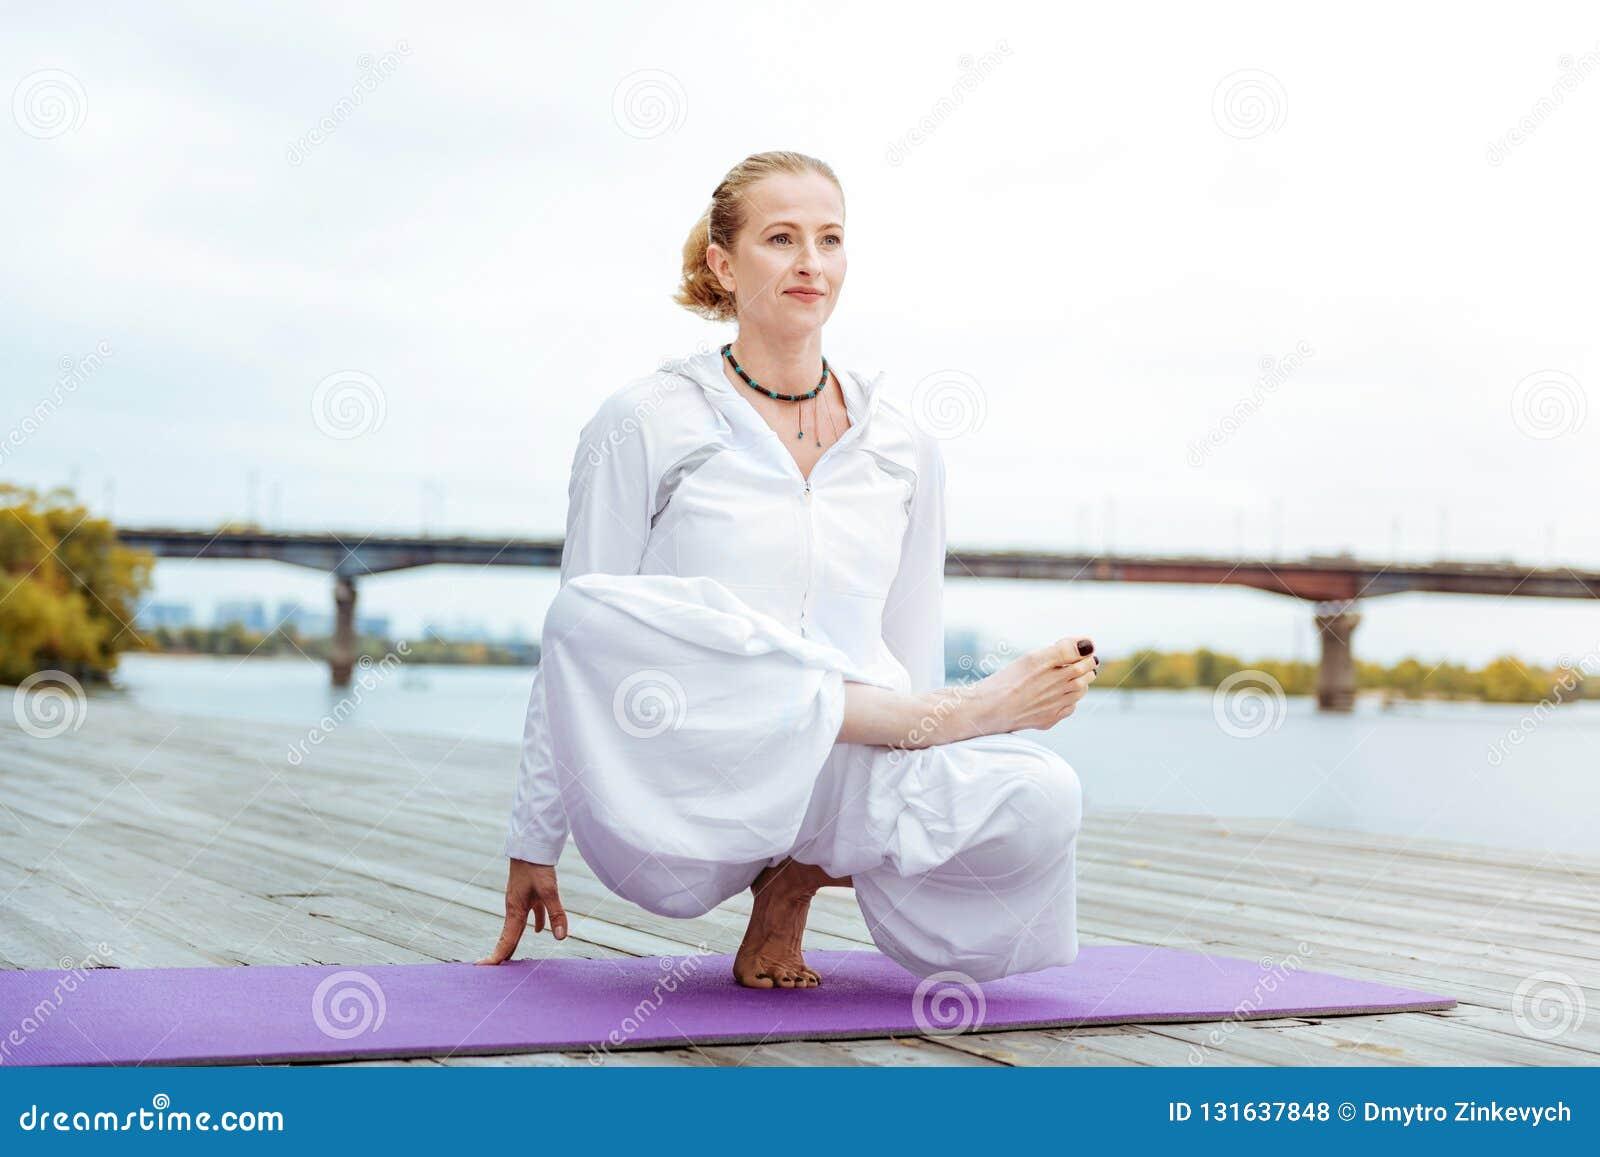 Żeński joga instruktor łatwo ćwiczy skomplikowanych asanas